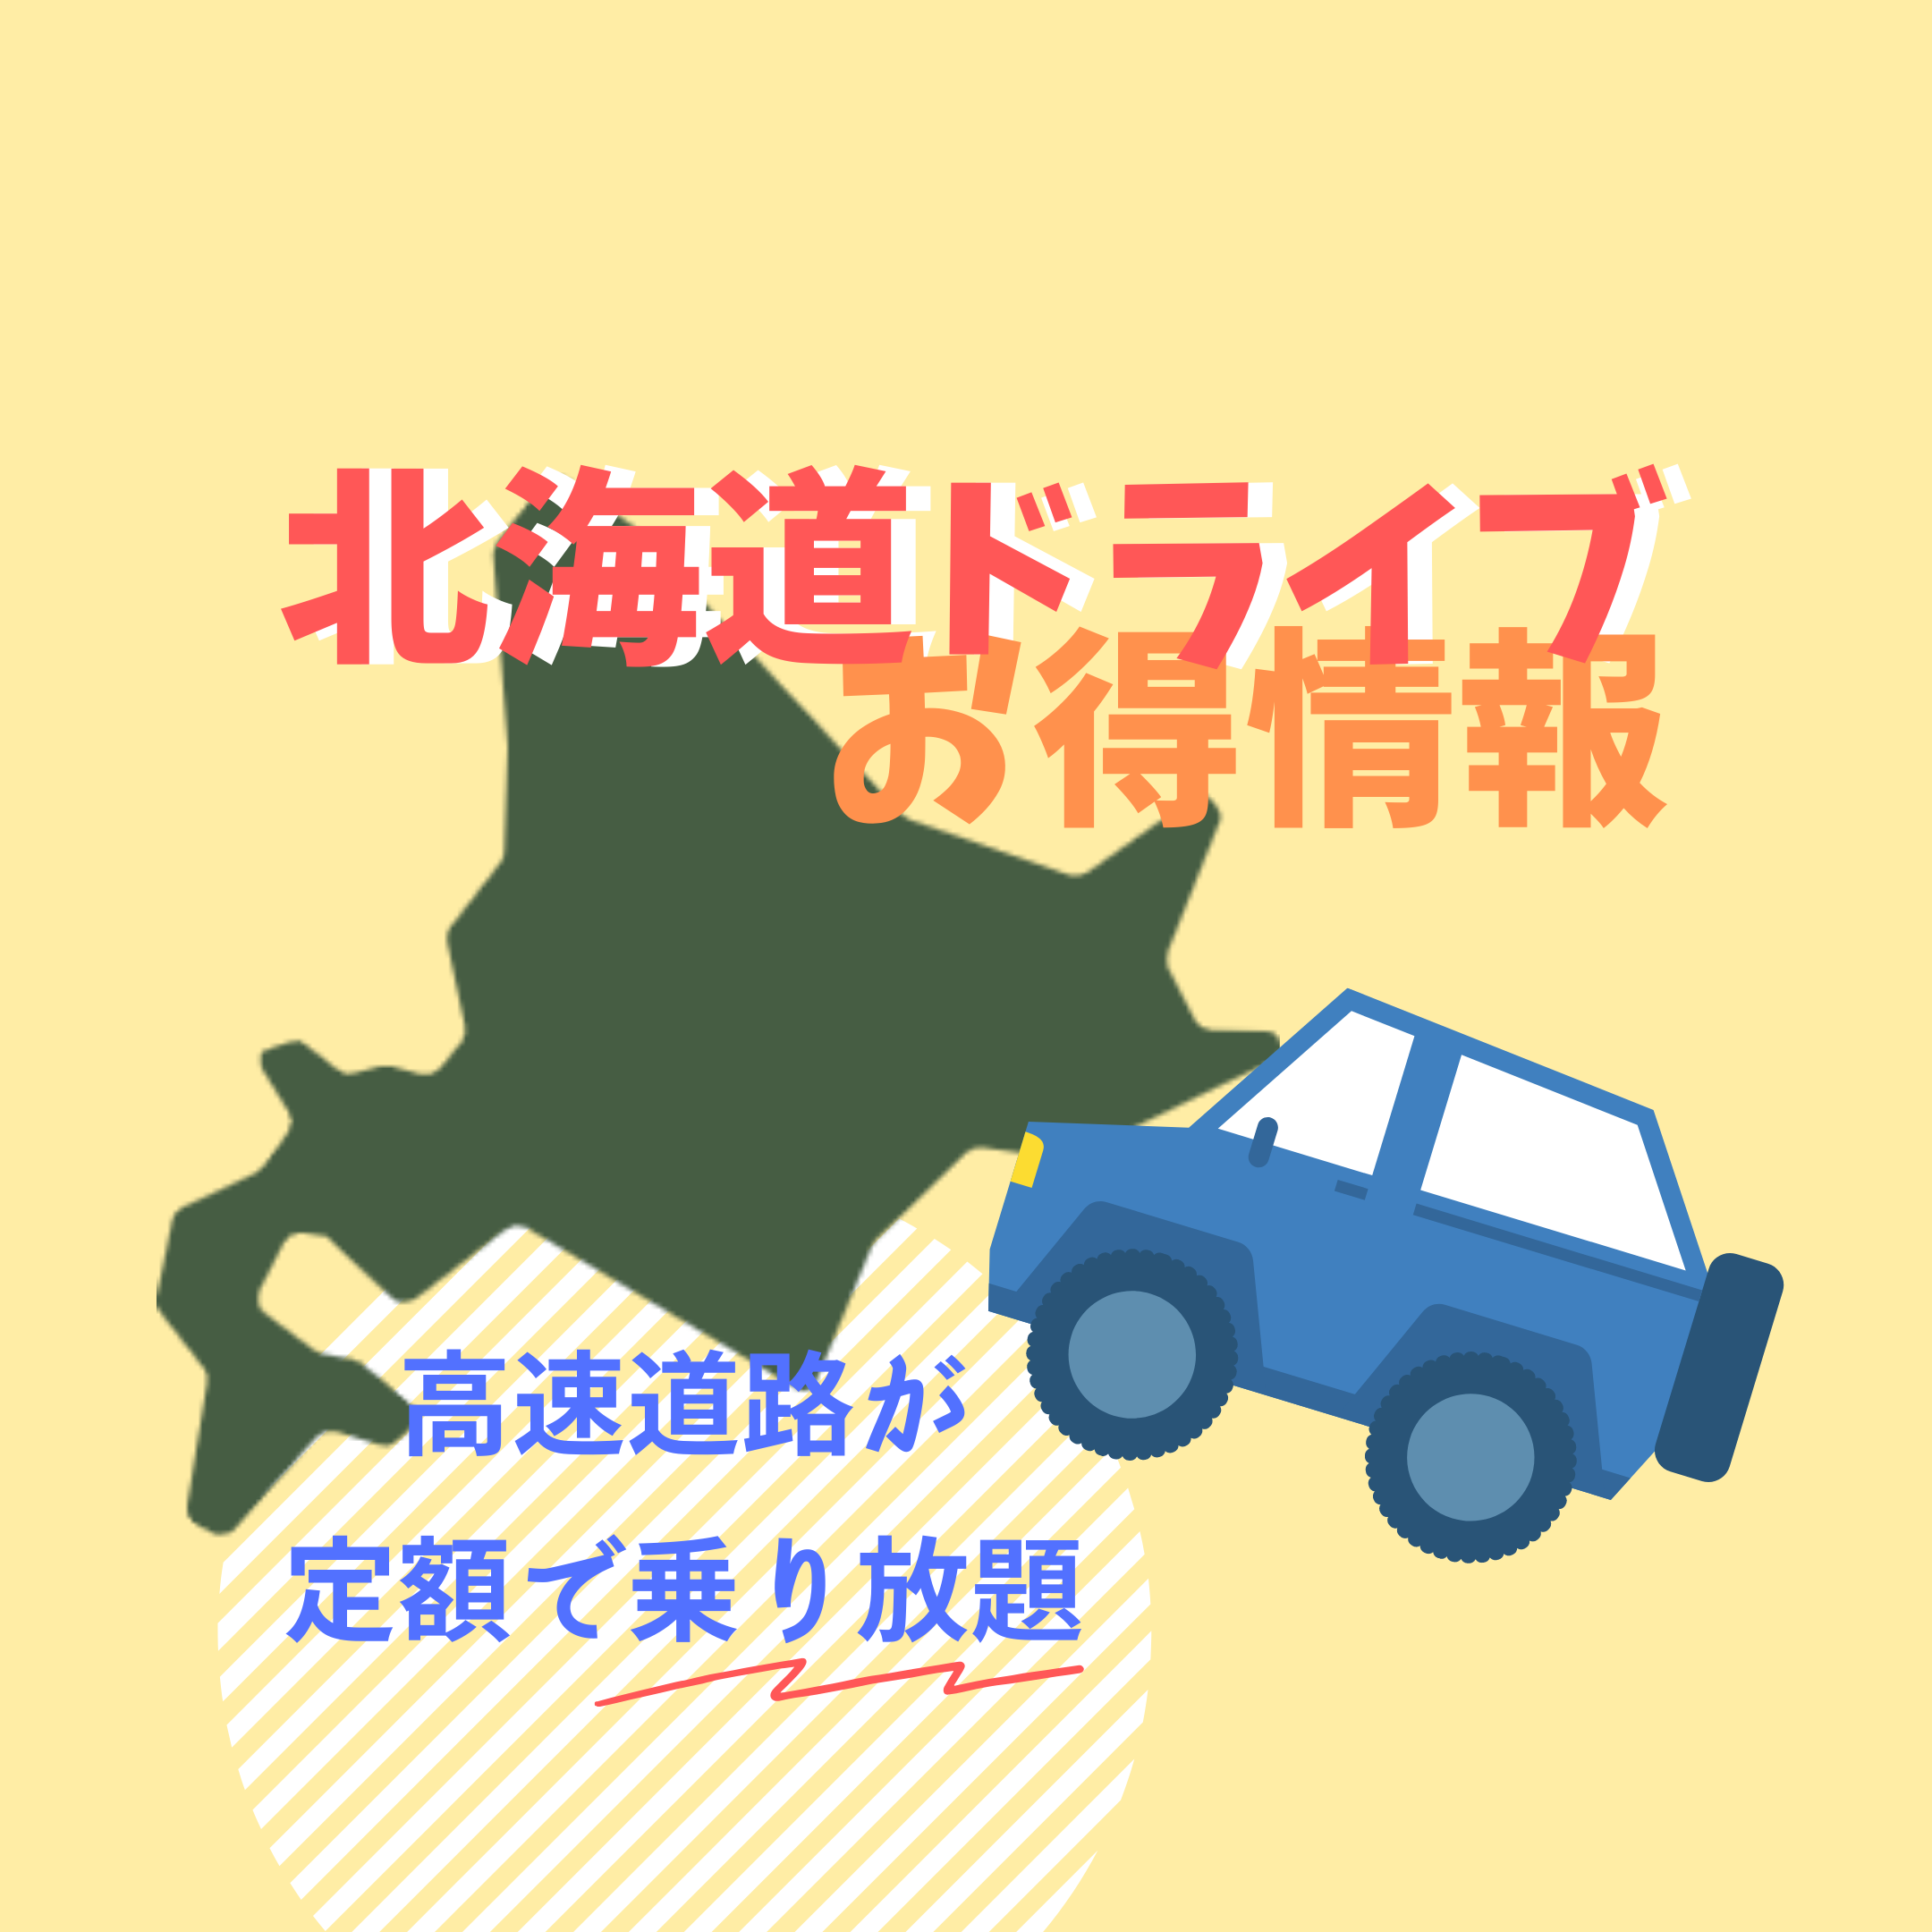 北海道観光ふりーぱすのご案内